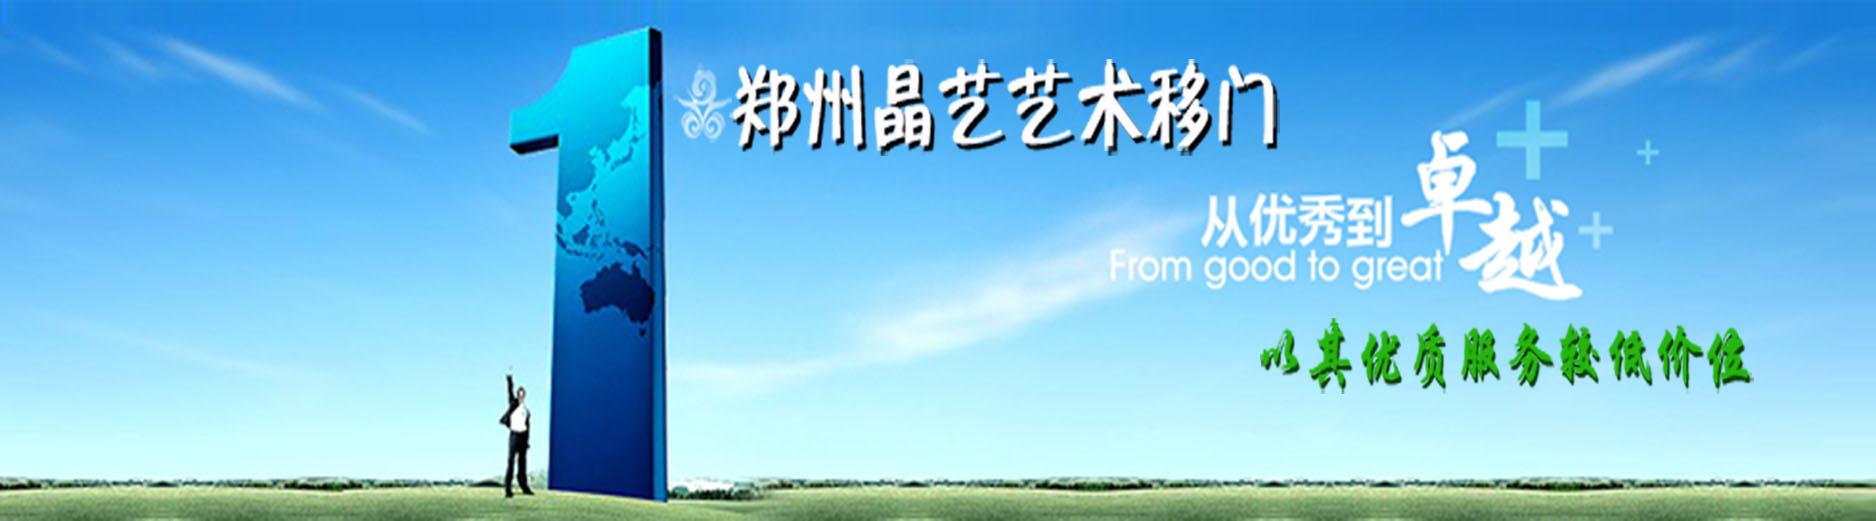 迈凯润汽车(Maikairun.Com),专注汽车美容装饰方面的知识!! 广告:468x60